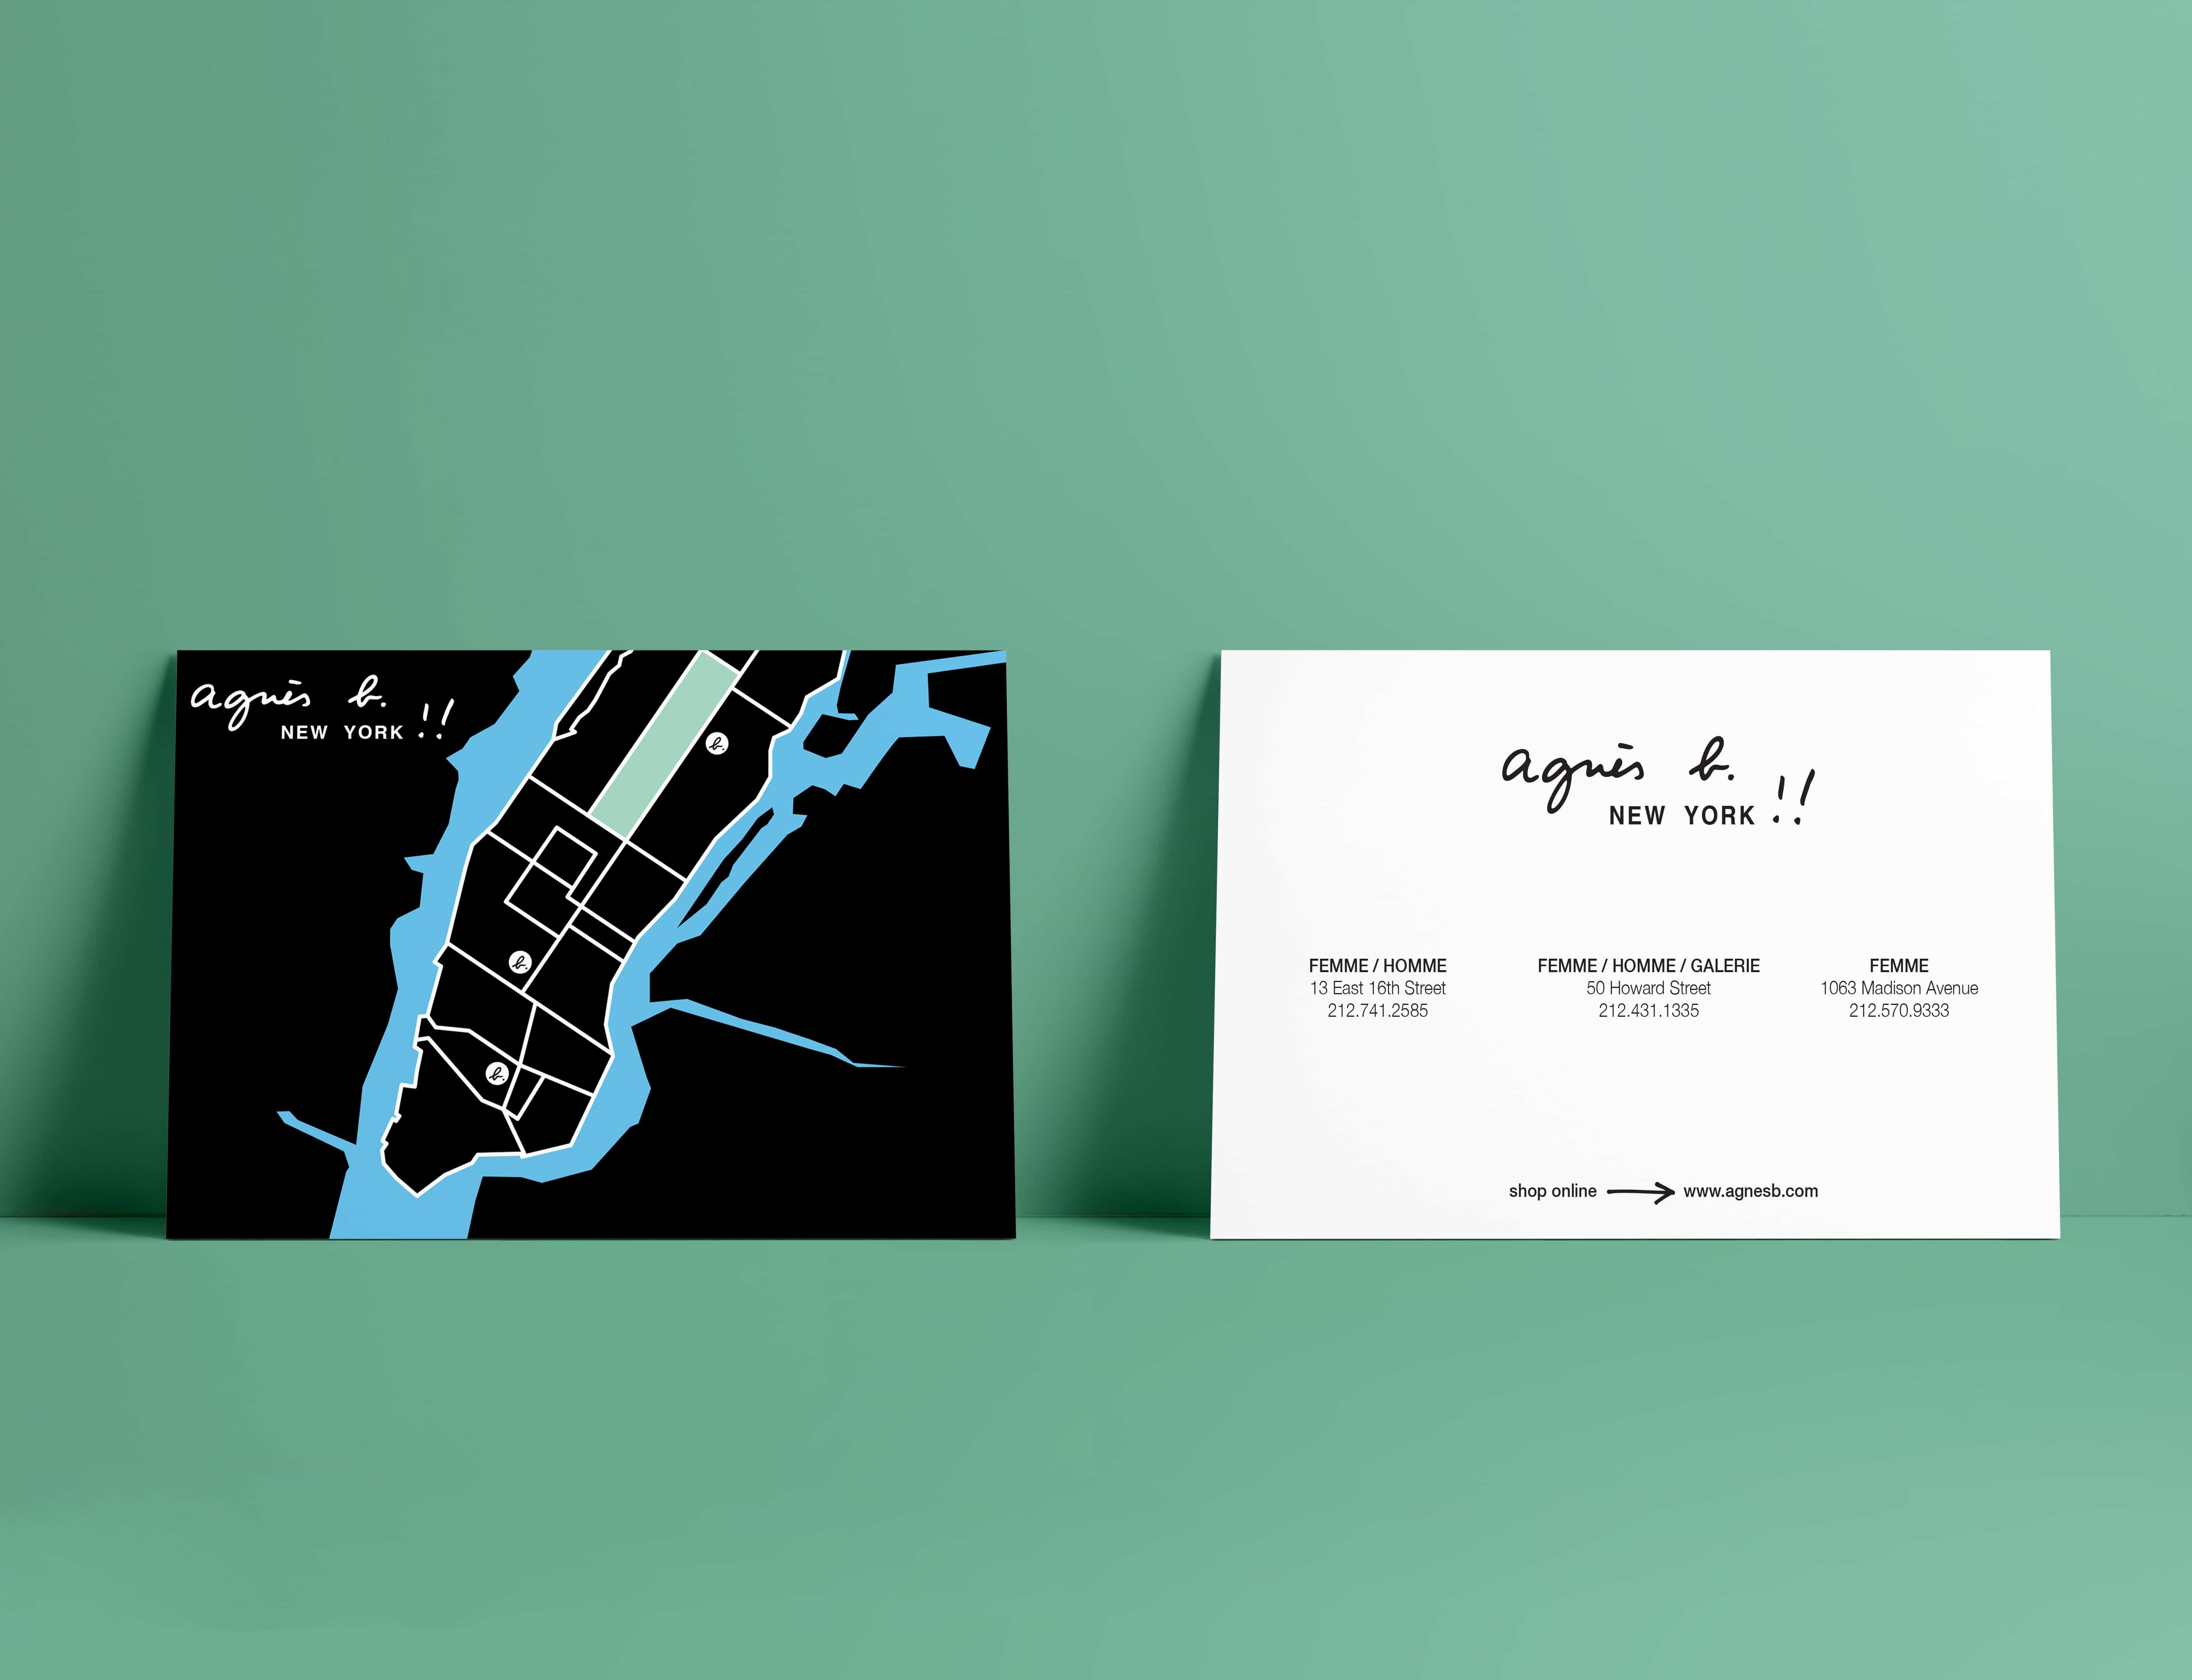 Mise en situation d'une carte postale agnès b de la boutique de new york avec carte de la ville au recto